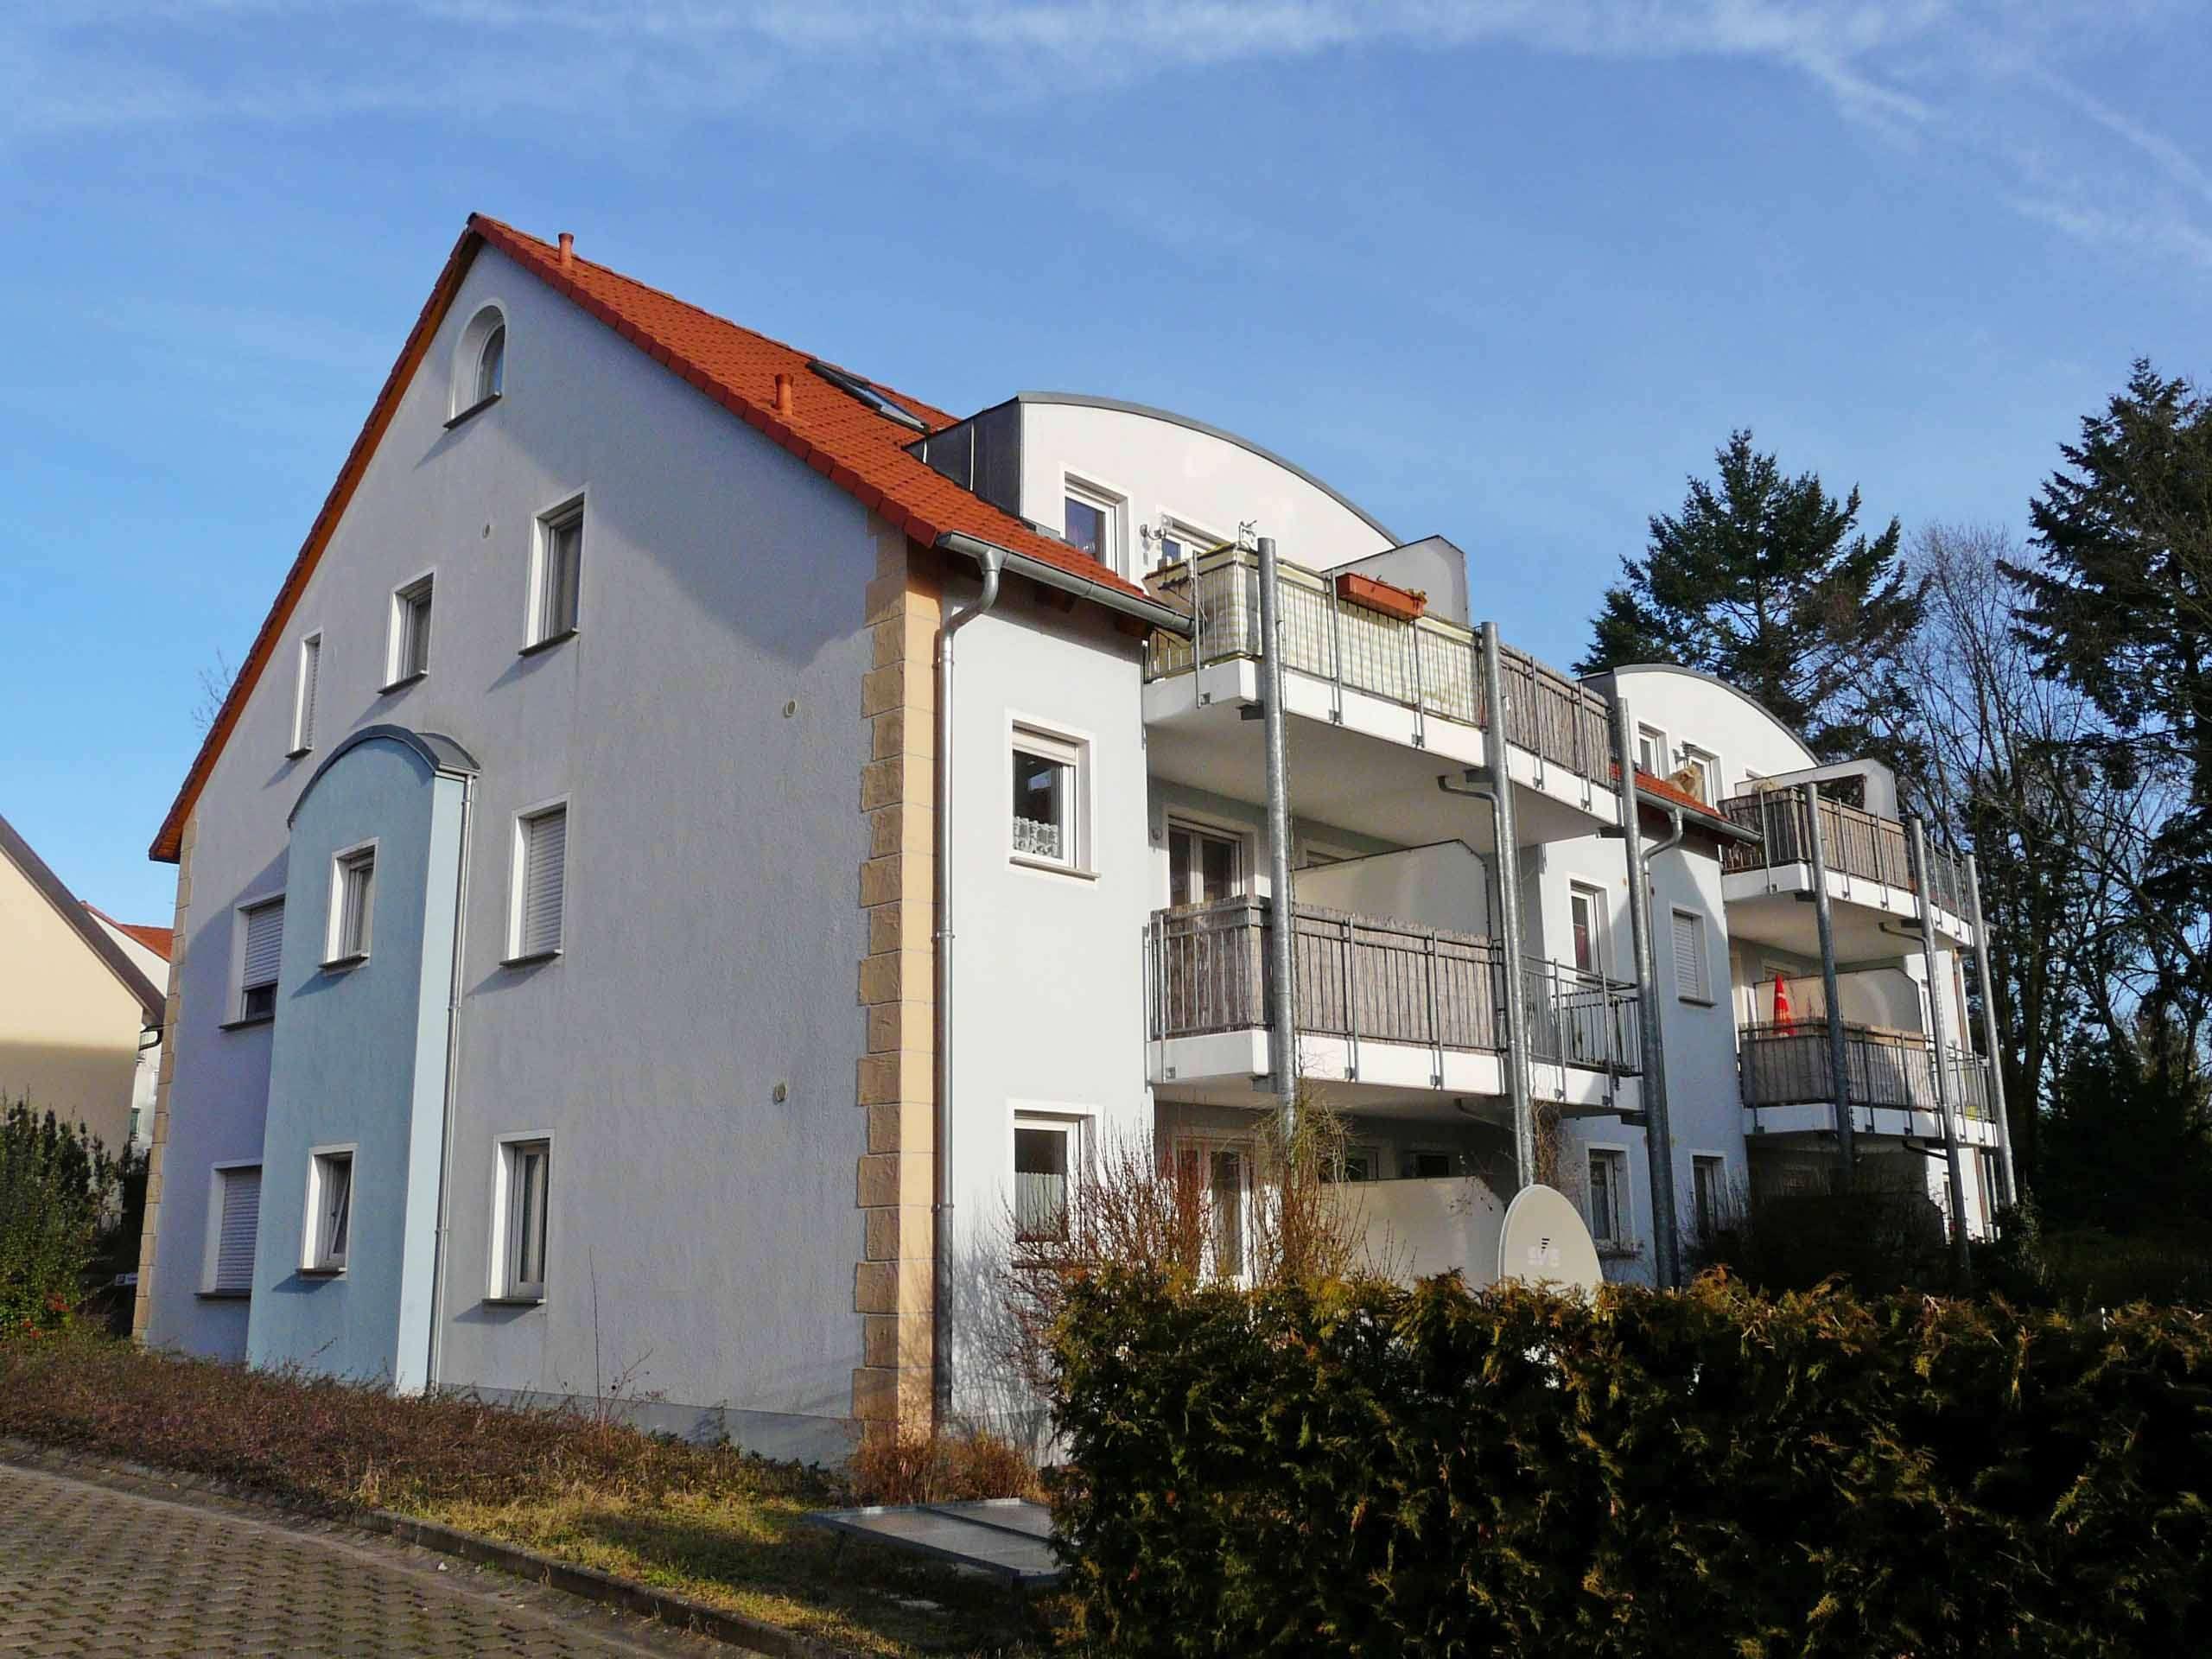 Moderne, großzügige Wohnung auf 2 Etagen mit Balkon und Einbauküche, Wfl. 100m² in Haßfurt (Haßberge)